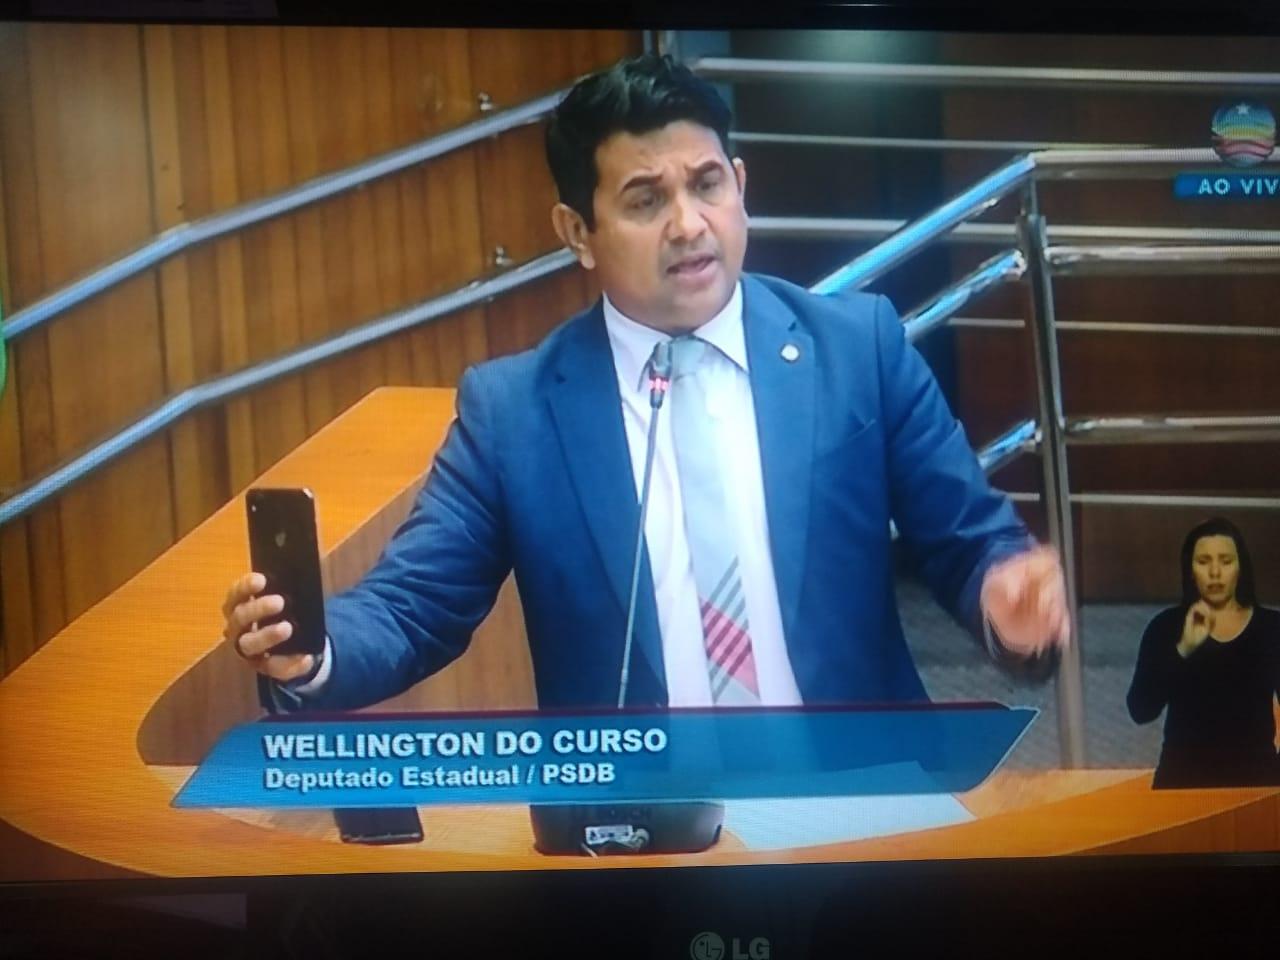 Plenário tem acesso proibido de assessores, Wellington grava próprio discurso